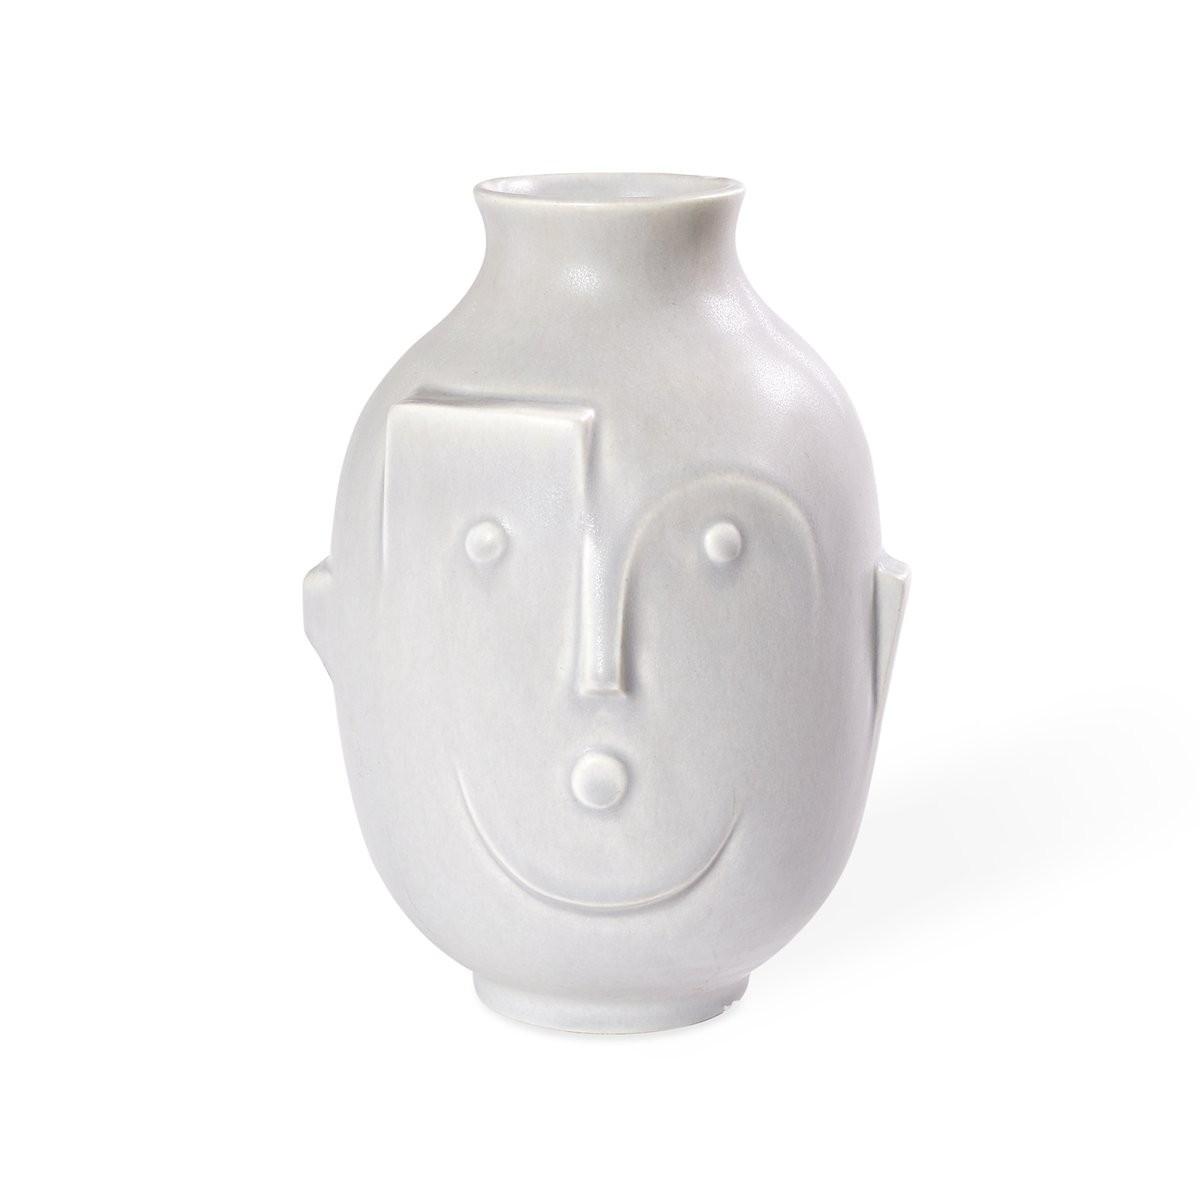 Jonathan Adler I Metropolis Vase White | Small